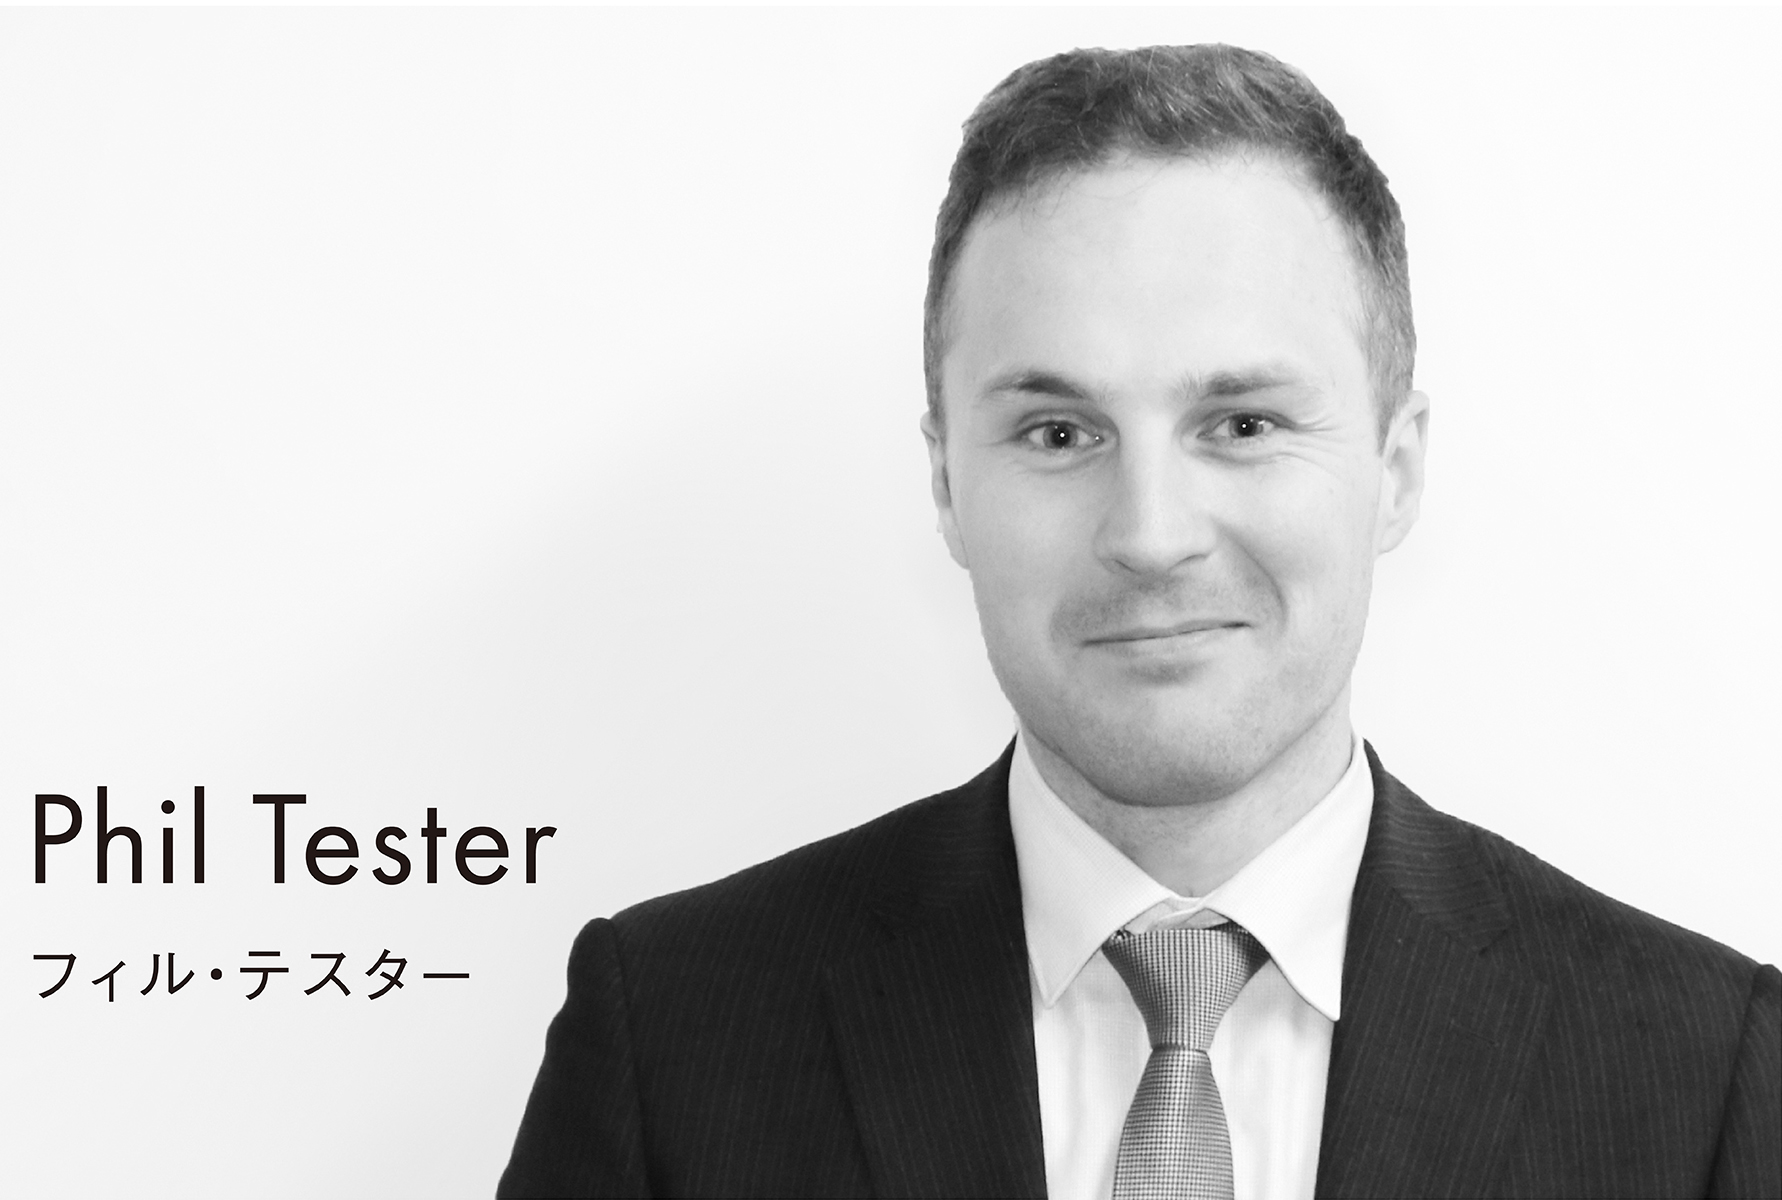 Phil Tester / フィル・テスター